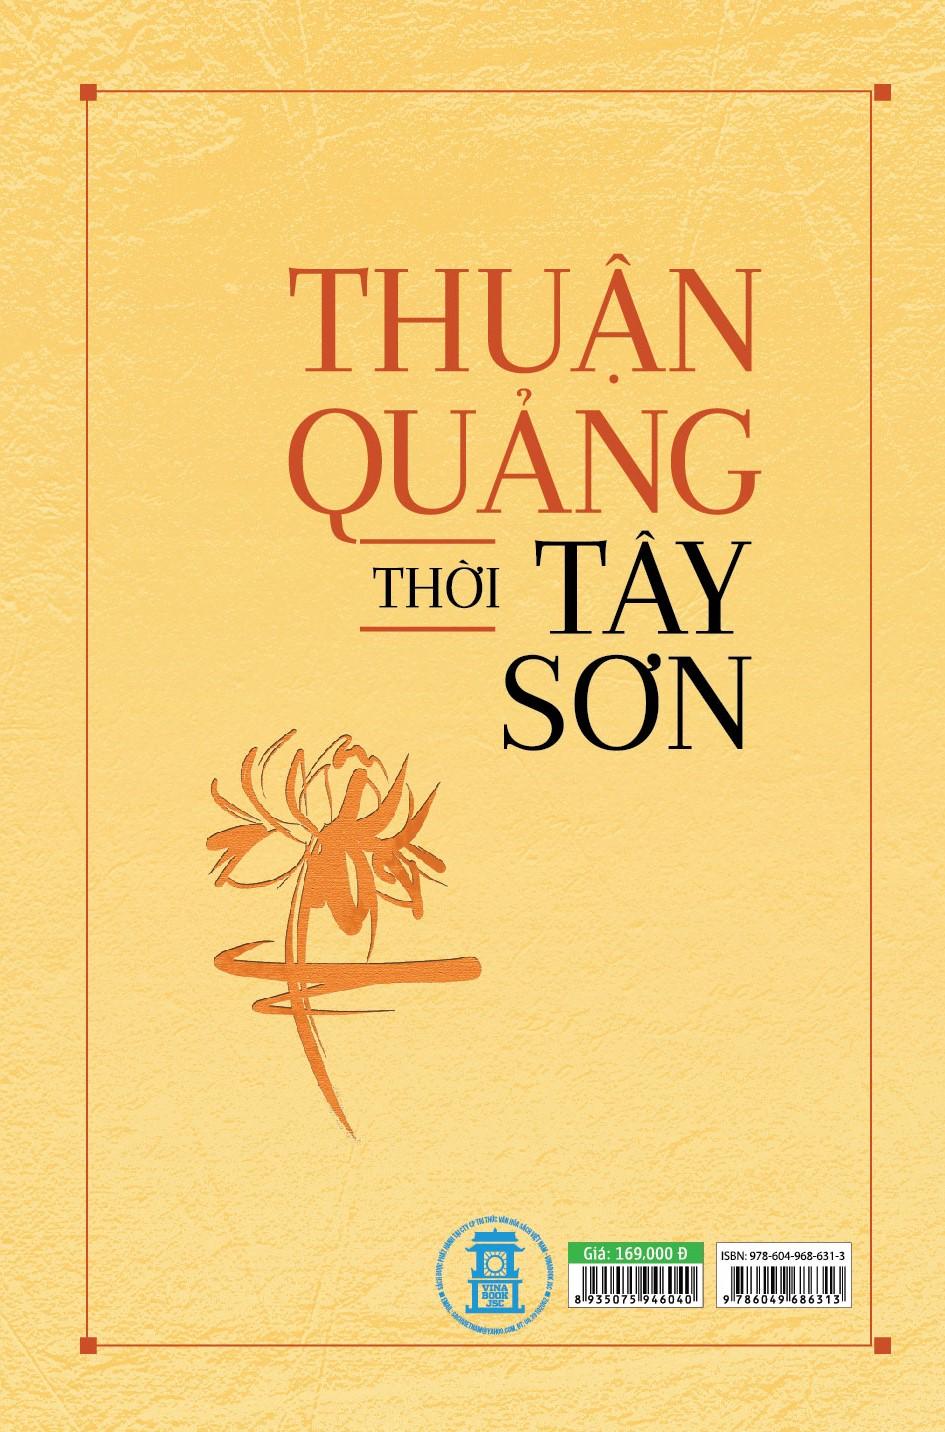 Thuận Quảng Thời Tây Sơn